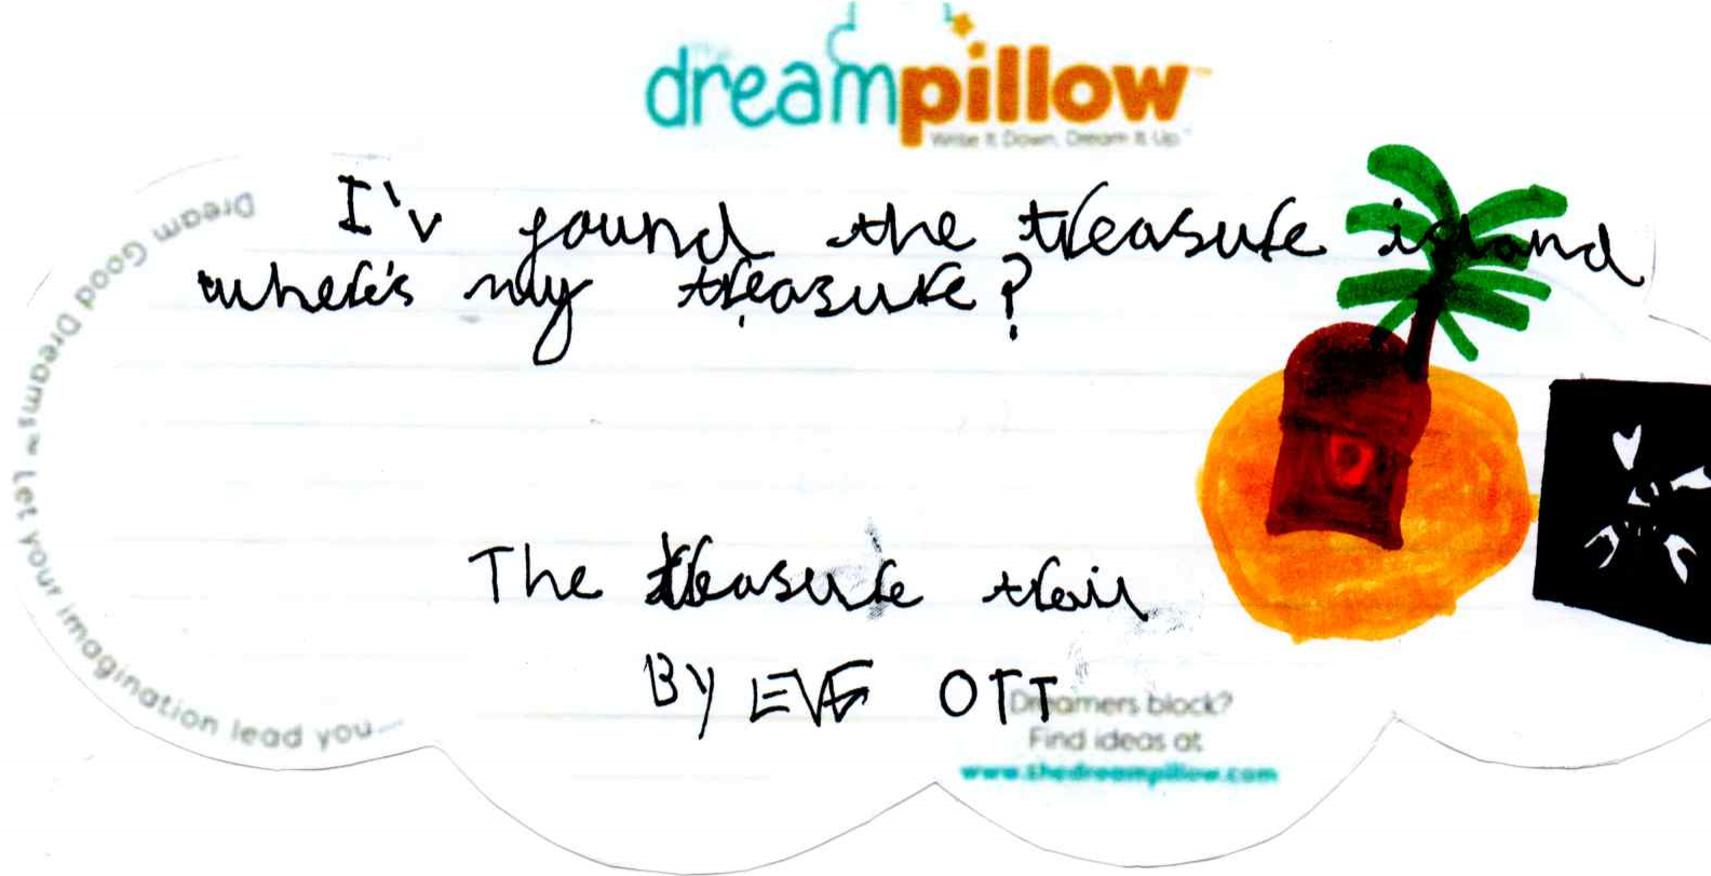 Eve de Halifax quiere soñar que encuentra un tesoro en una isla desierta.